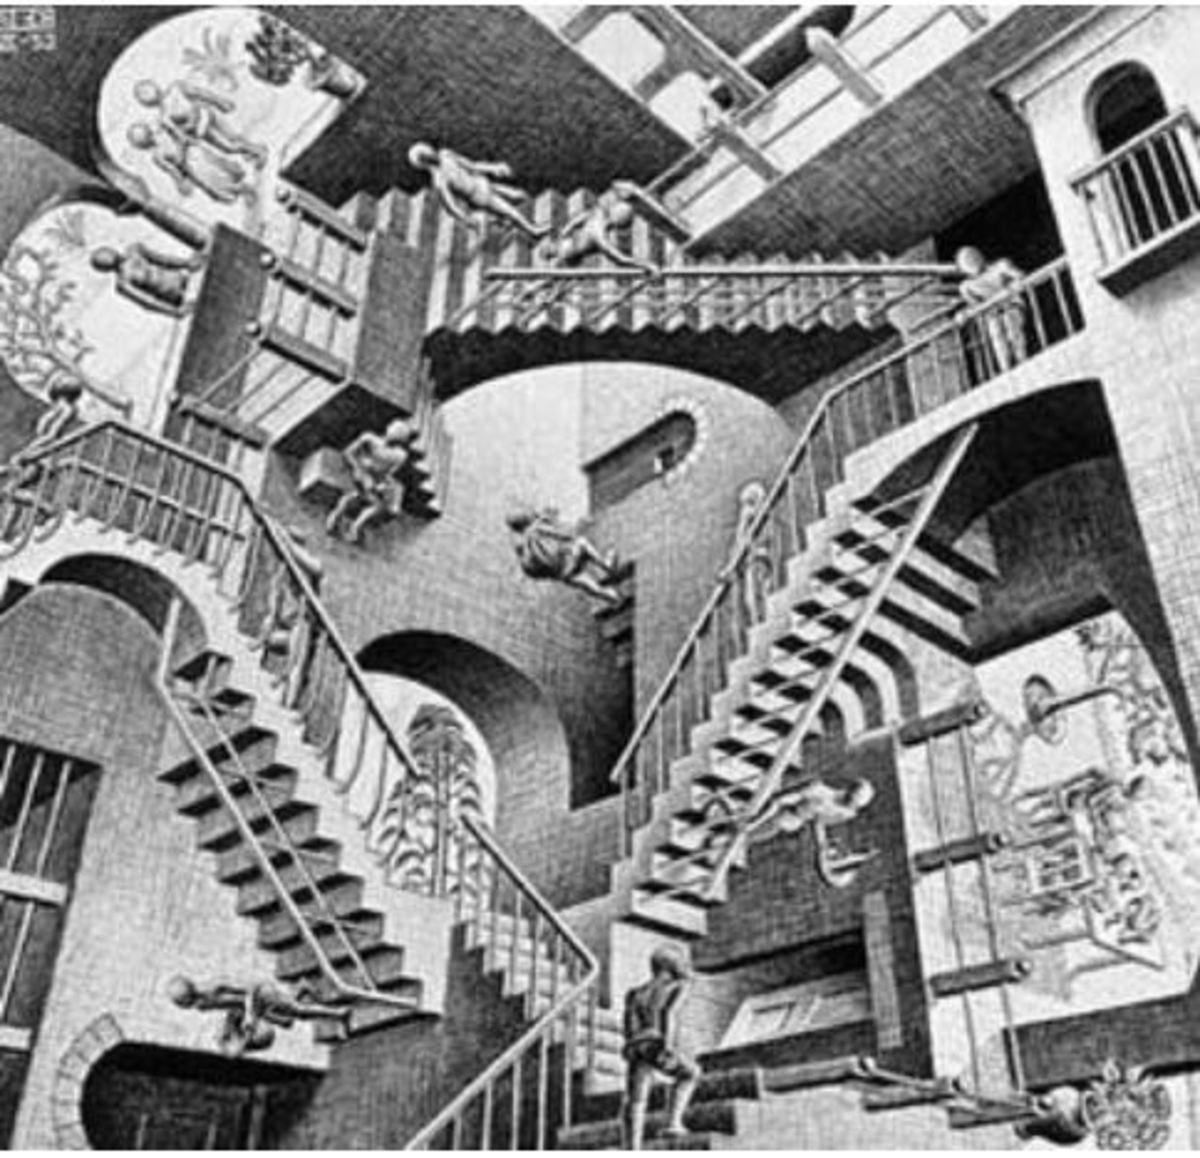 Litograph by  M.  C. Escher, 1953.